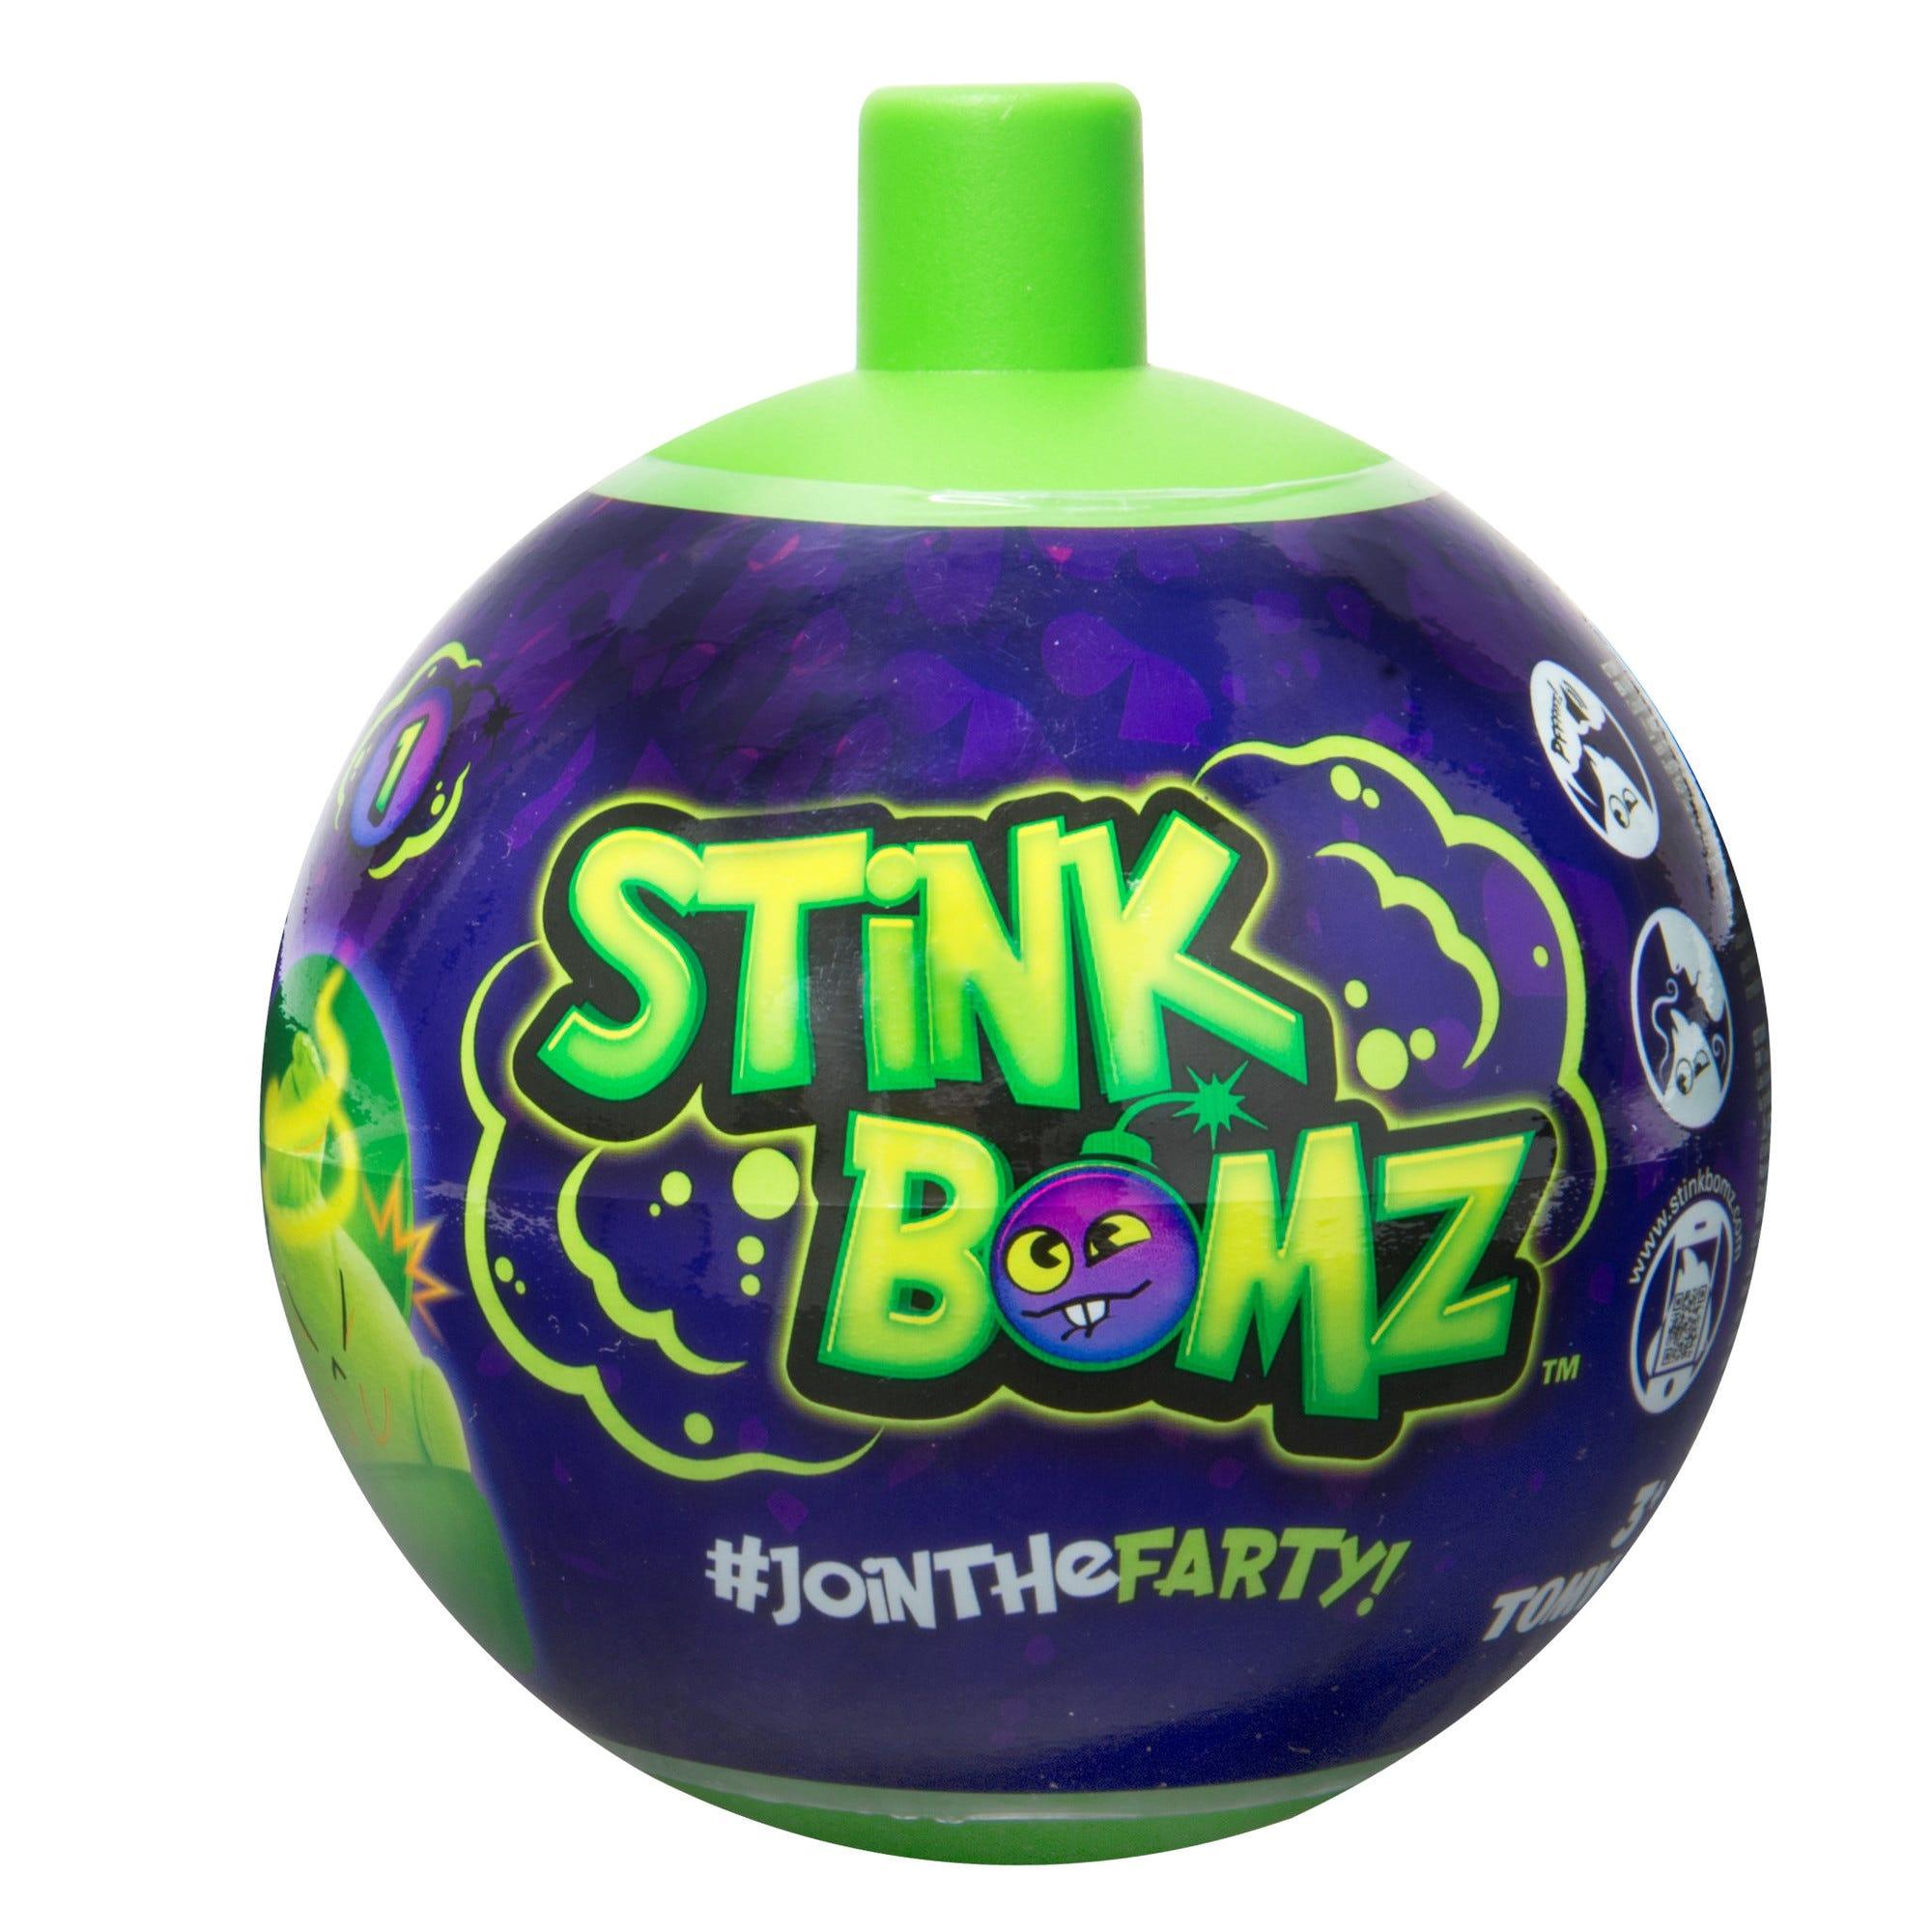 Tomy Stink Bomz Soft Toy Assortment